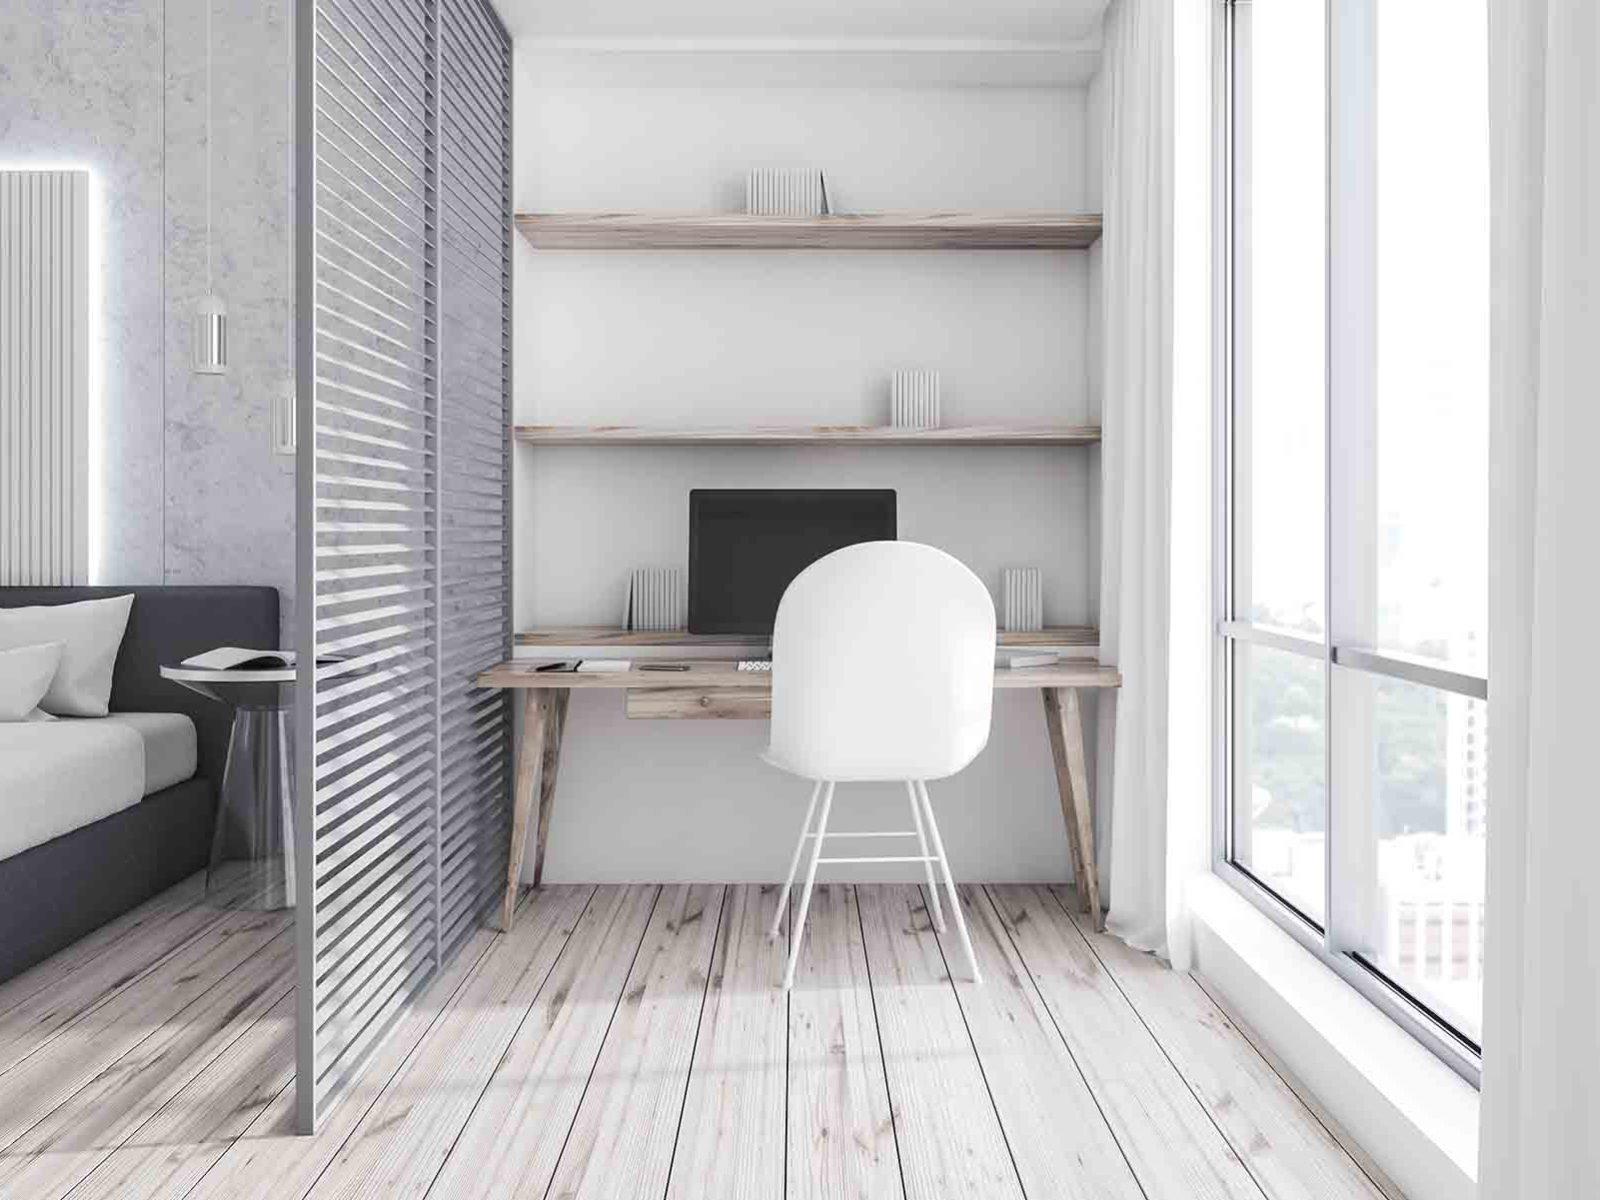 Moderne hjem har rom inndelt i soner